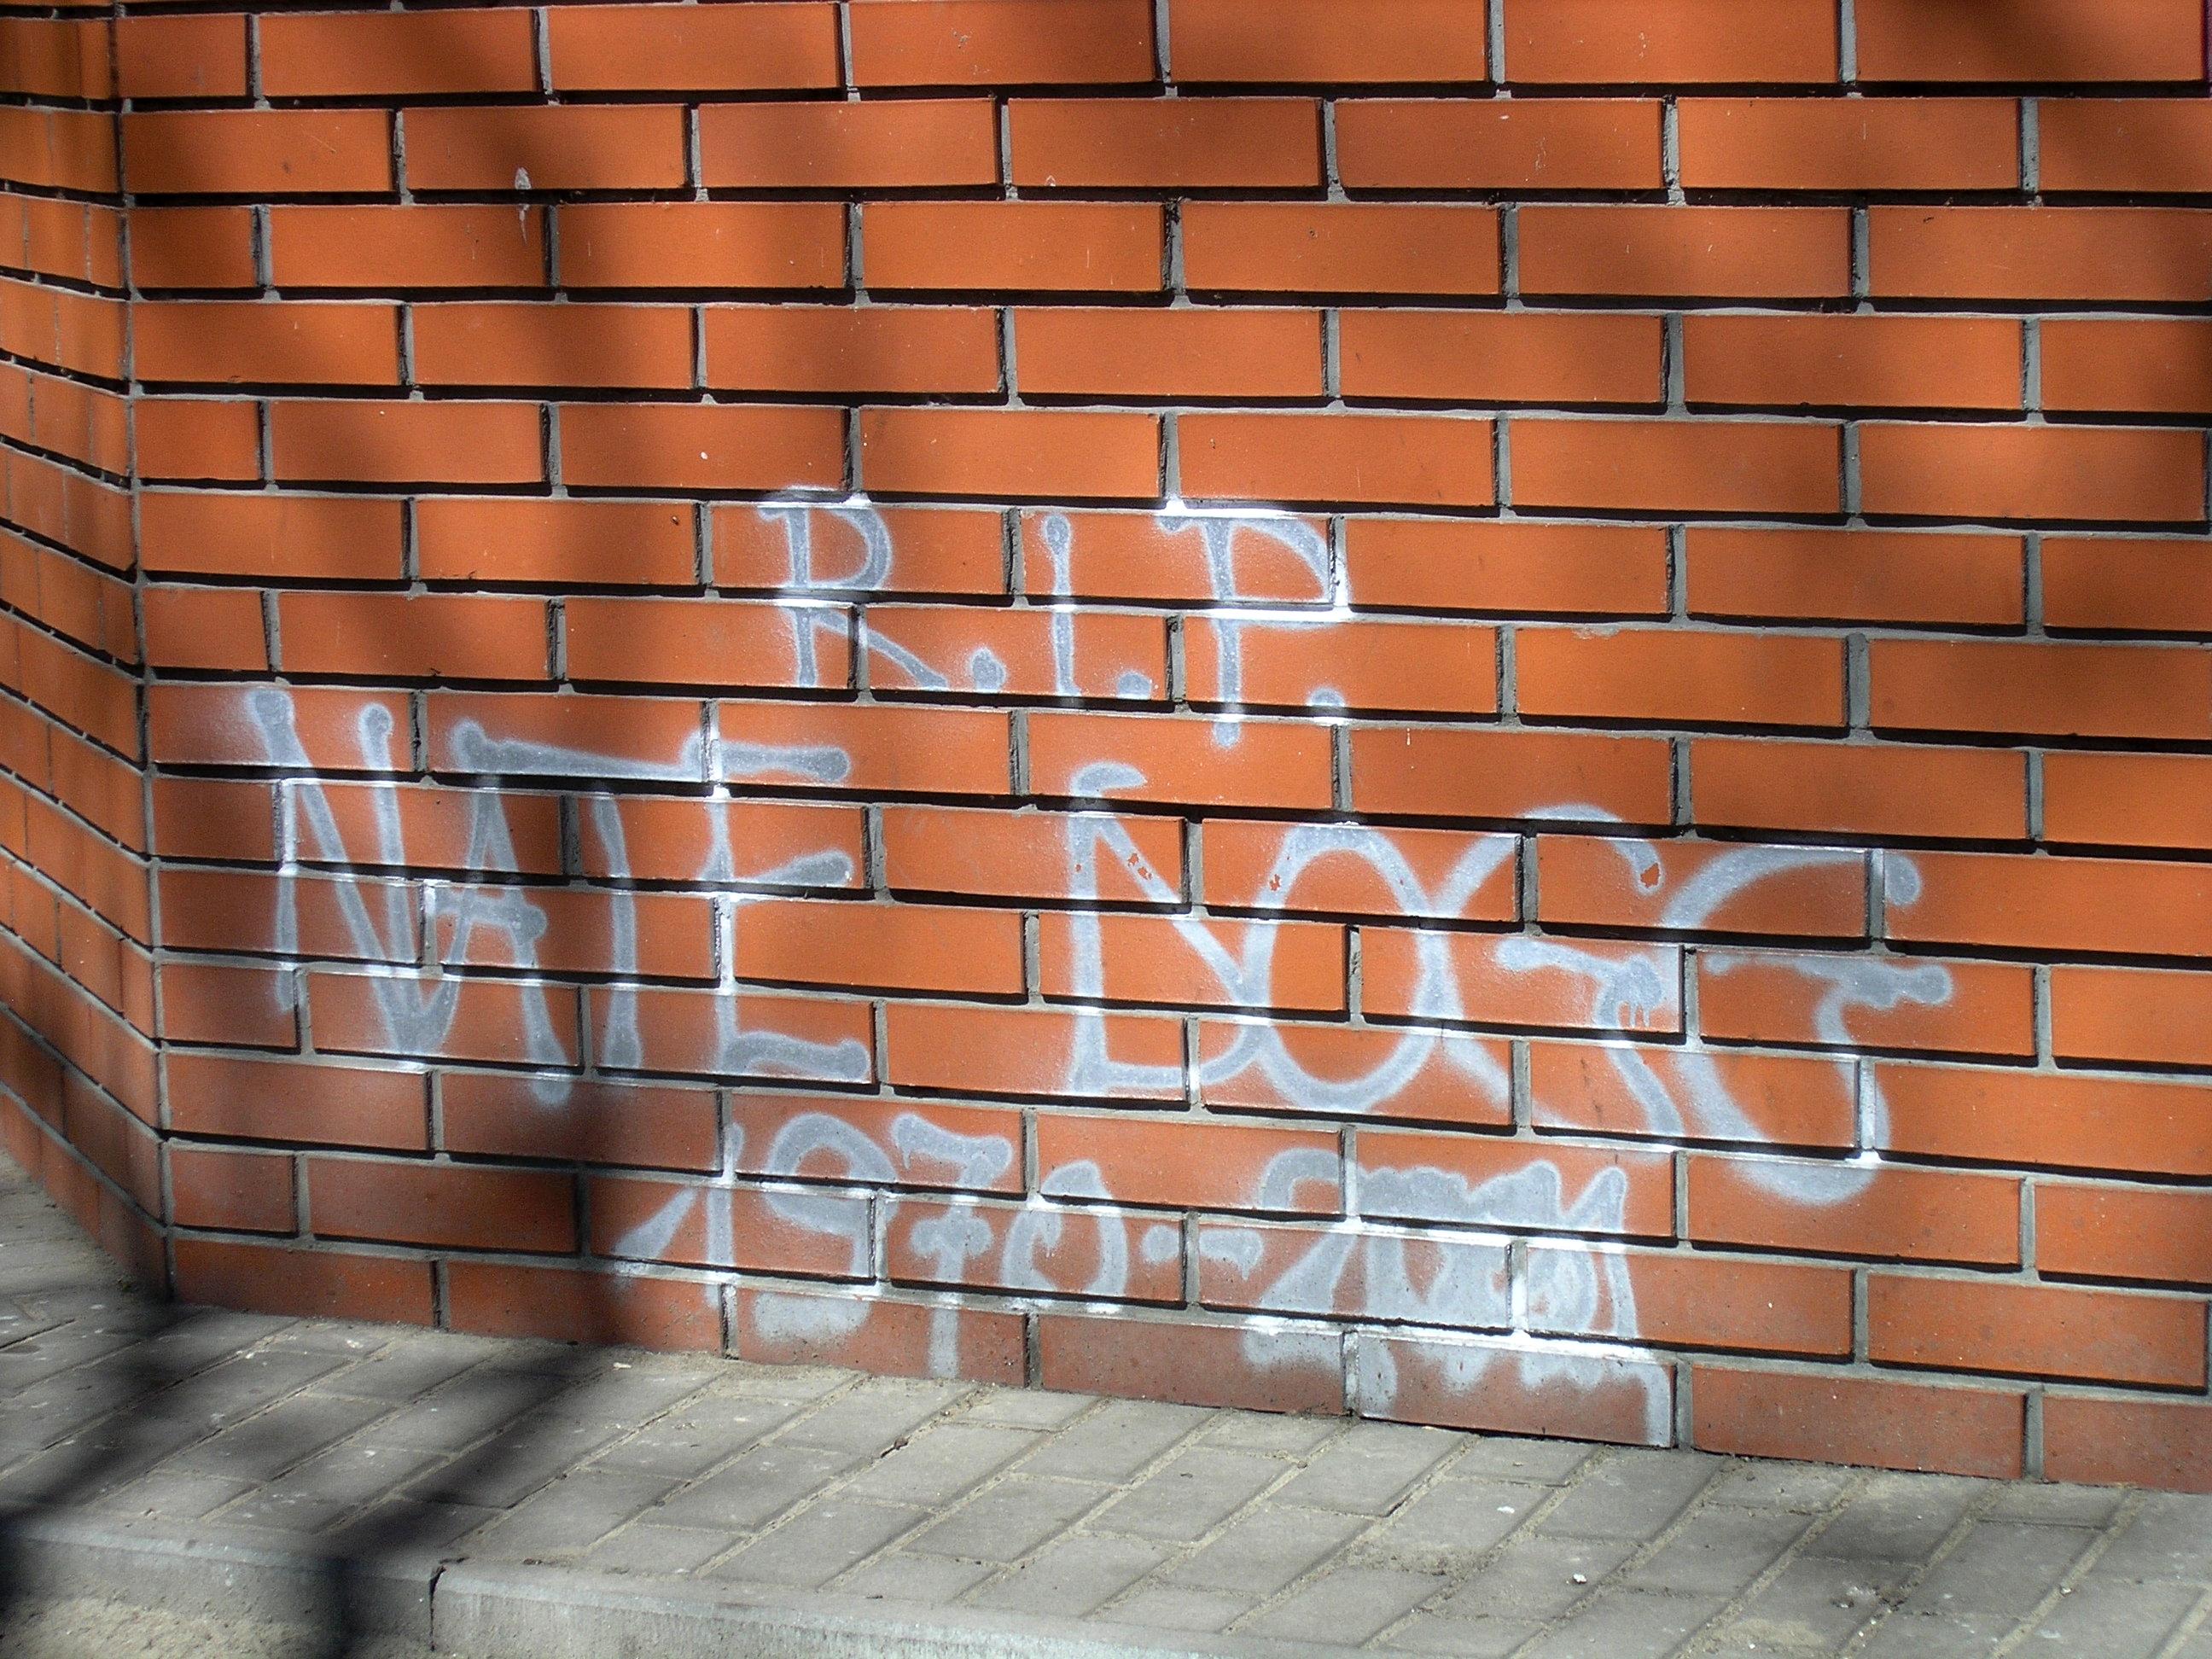 Graffiti devoted to Nate Dogg on Solidarności Avenue in Warsaw (April 2012)